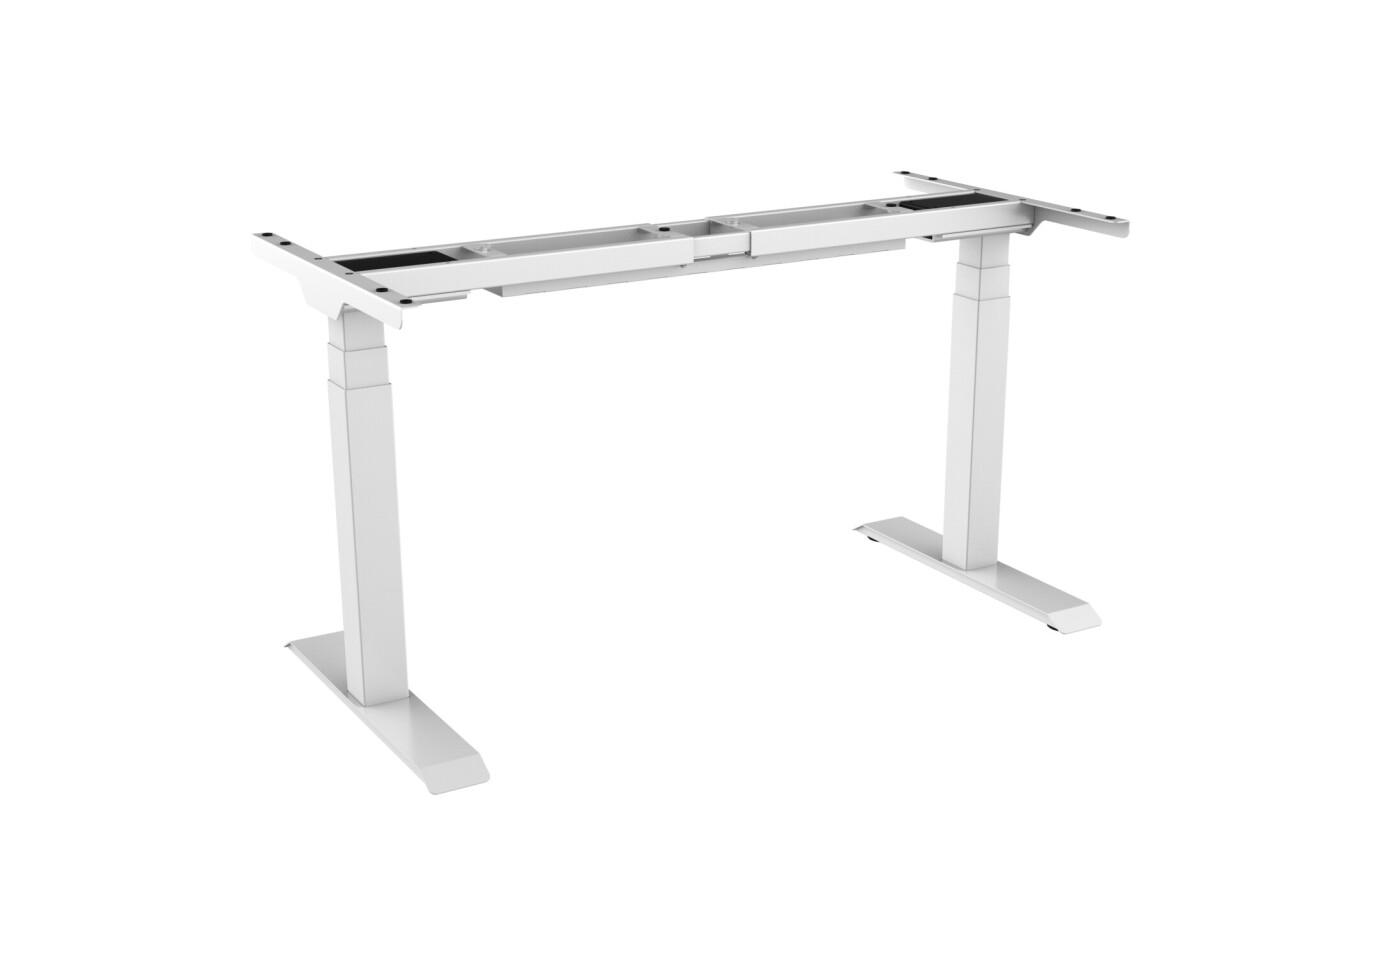 Cadre de bureau celexon PRO eAdjust-58123 réglable en hauteur électriquement - 58 - 123 cm, blanc